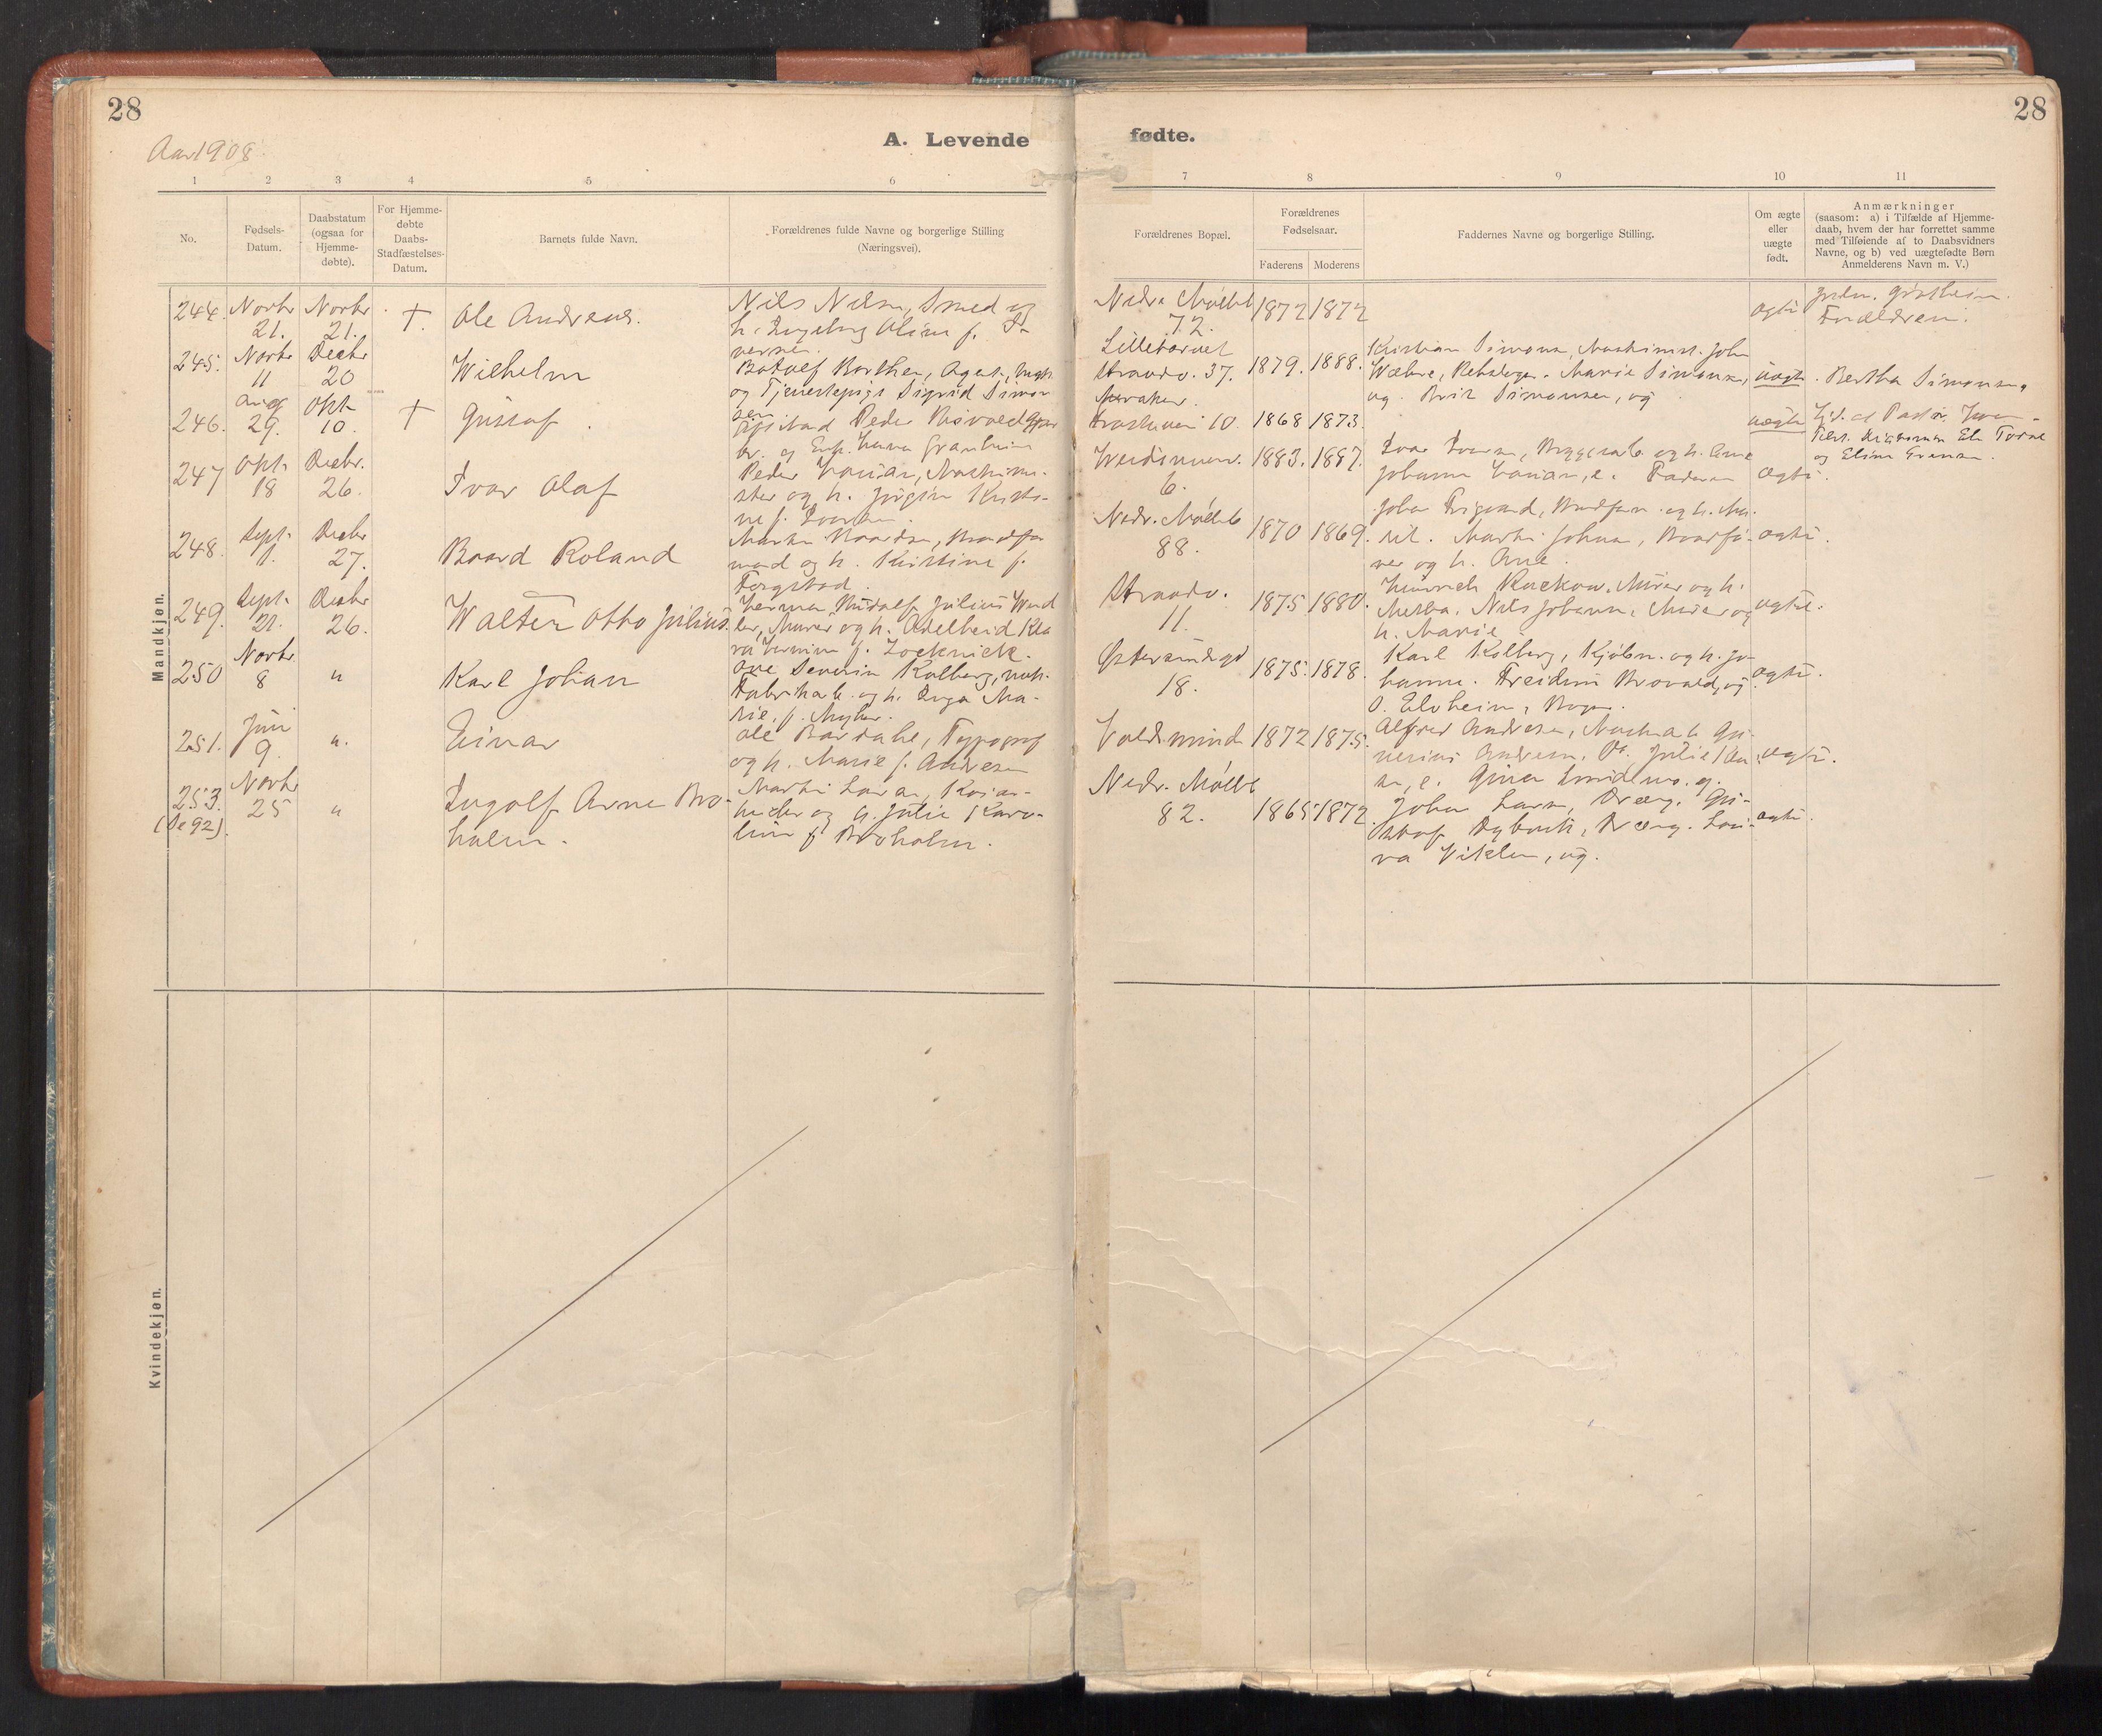 SAT, Ministerialprotokoller, klokkerbøker og fødselsregistre - Sør-Trøndelag, 605/L0243: Ministerialbok nr. 605A05, 1908-1923, s. 28